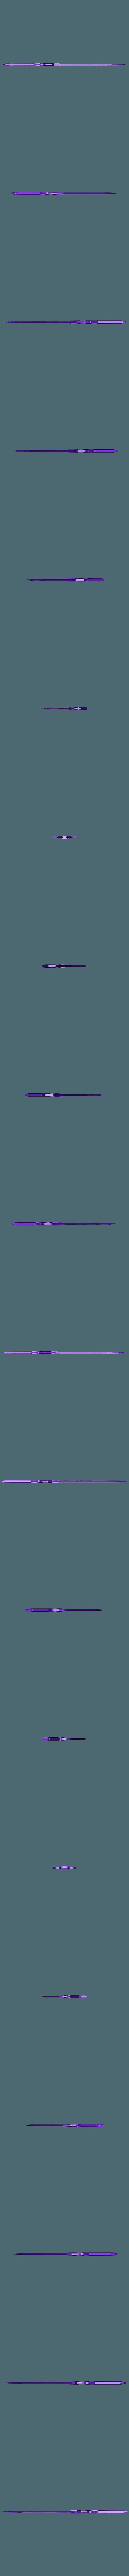 dagger DTB_.stl Télécharger fichier STL gratuit La dague de Hei, plus foncée que noire • Modèle pour imprimante 3D, DFB93